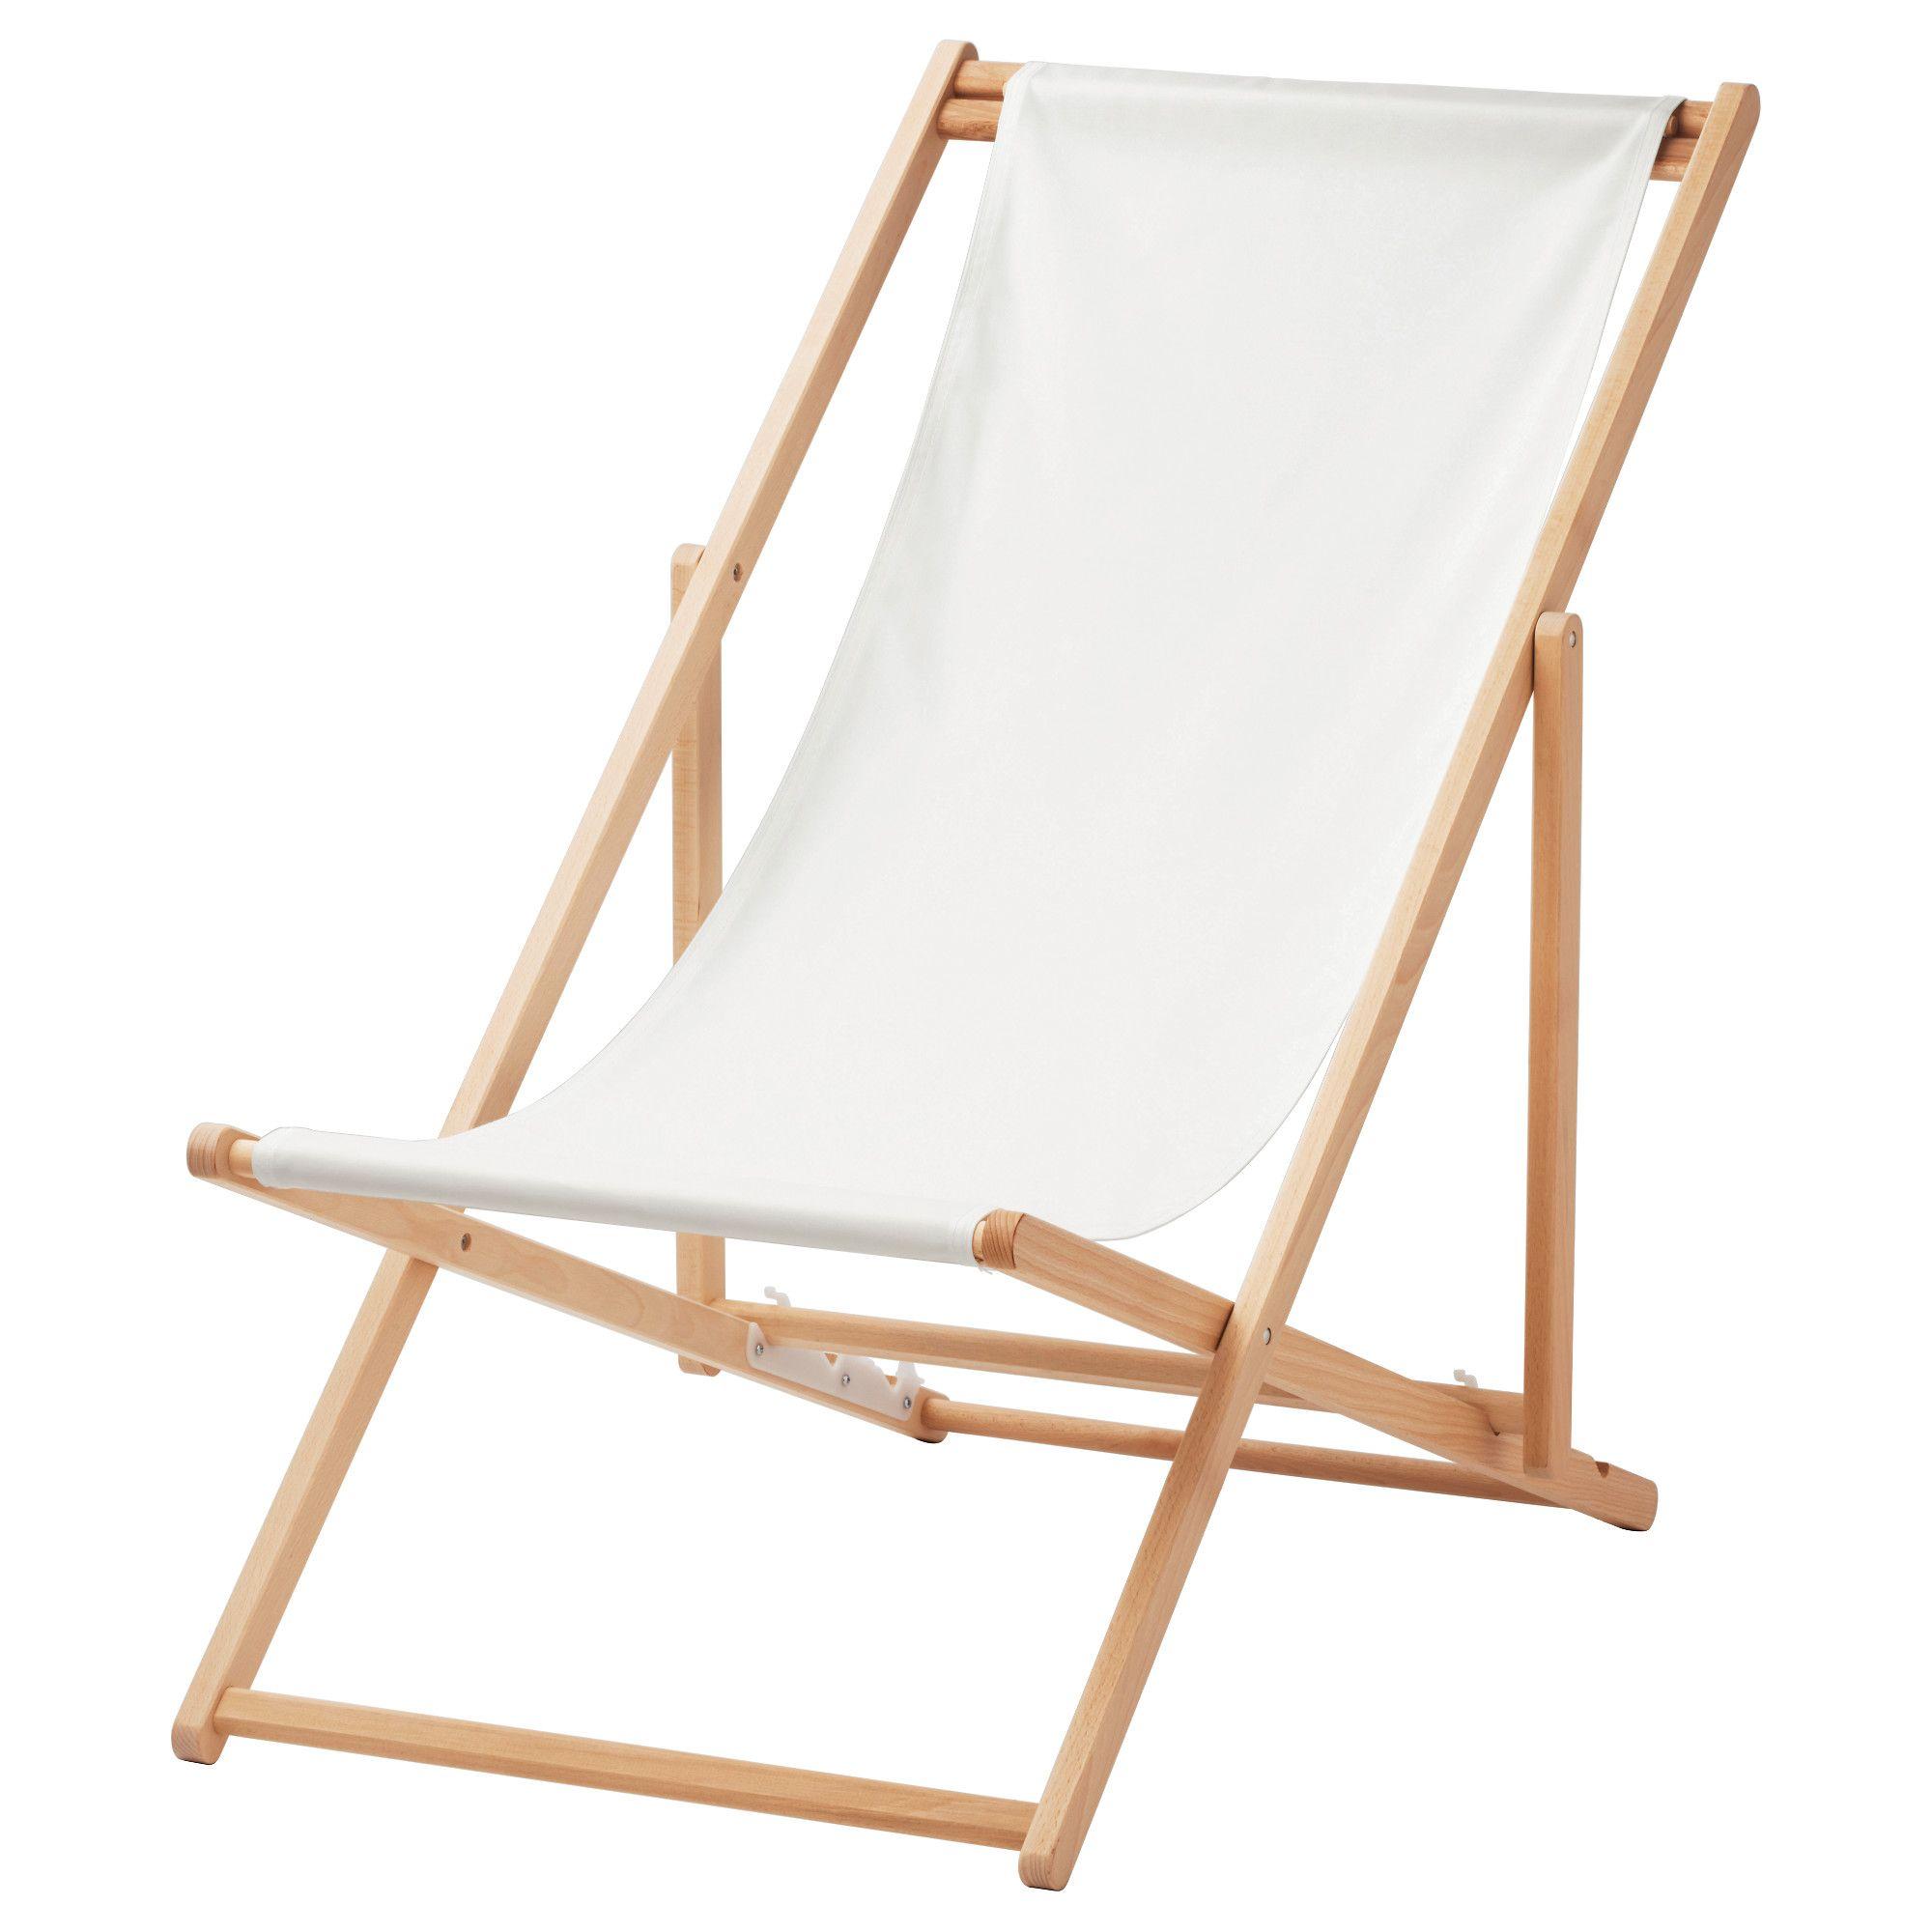 Full Size of Ikea Liegestuhl Us Furniture And Home Furnishings Beach Chairs Küche Kosten Garten Kaufen Sofa Mit Schlaffunktion Miniküche Betten 160x200 Bei Modulküche Wohnzimmer Ikea Liegestuhl